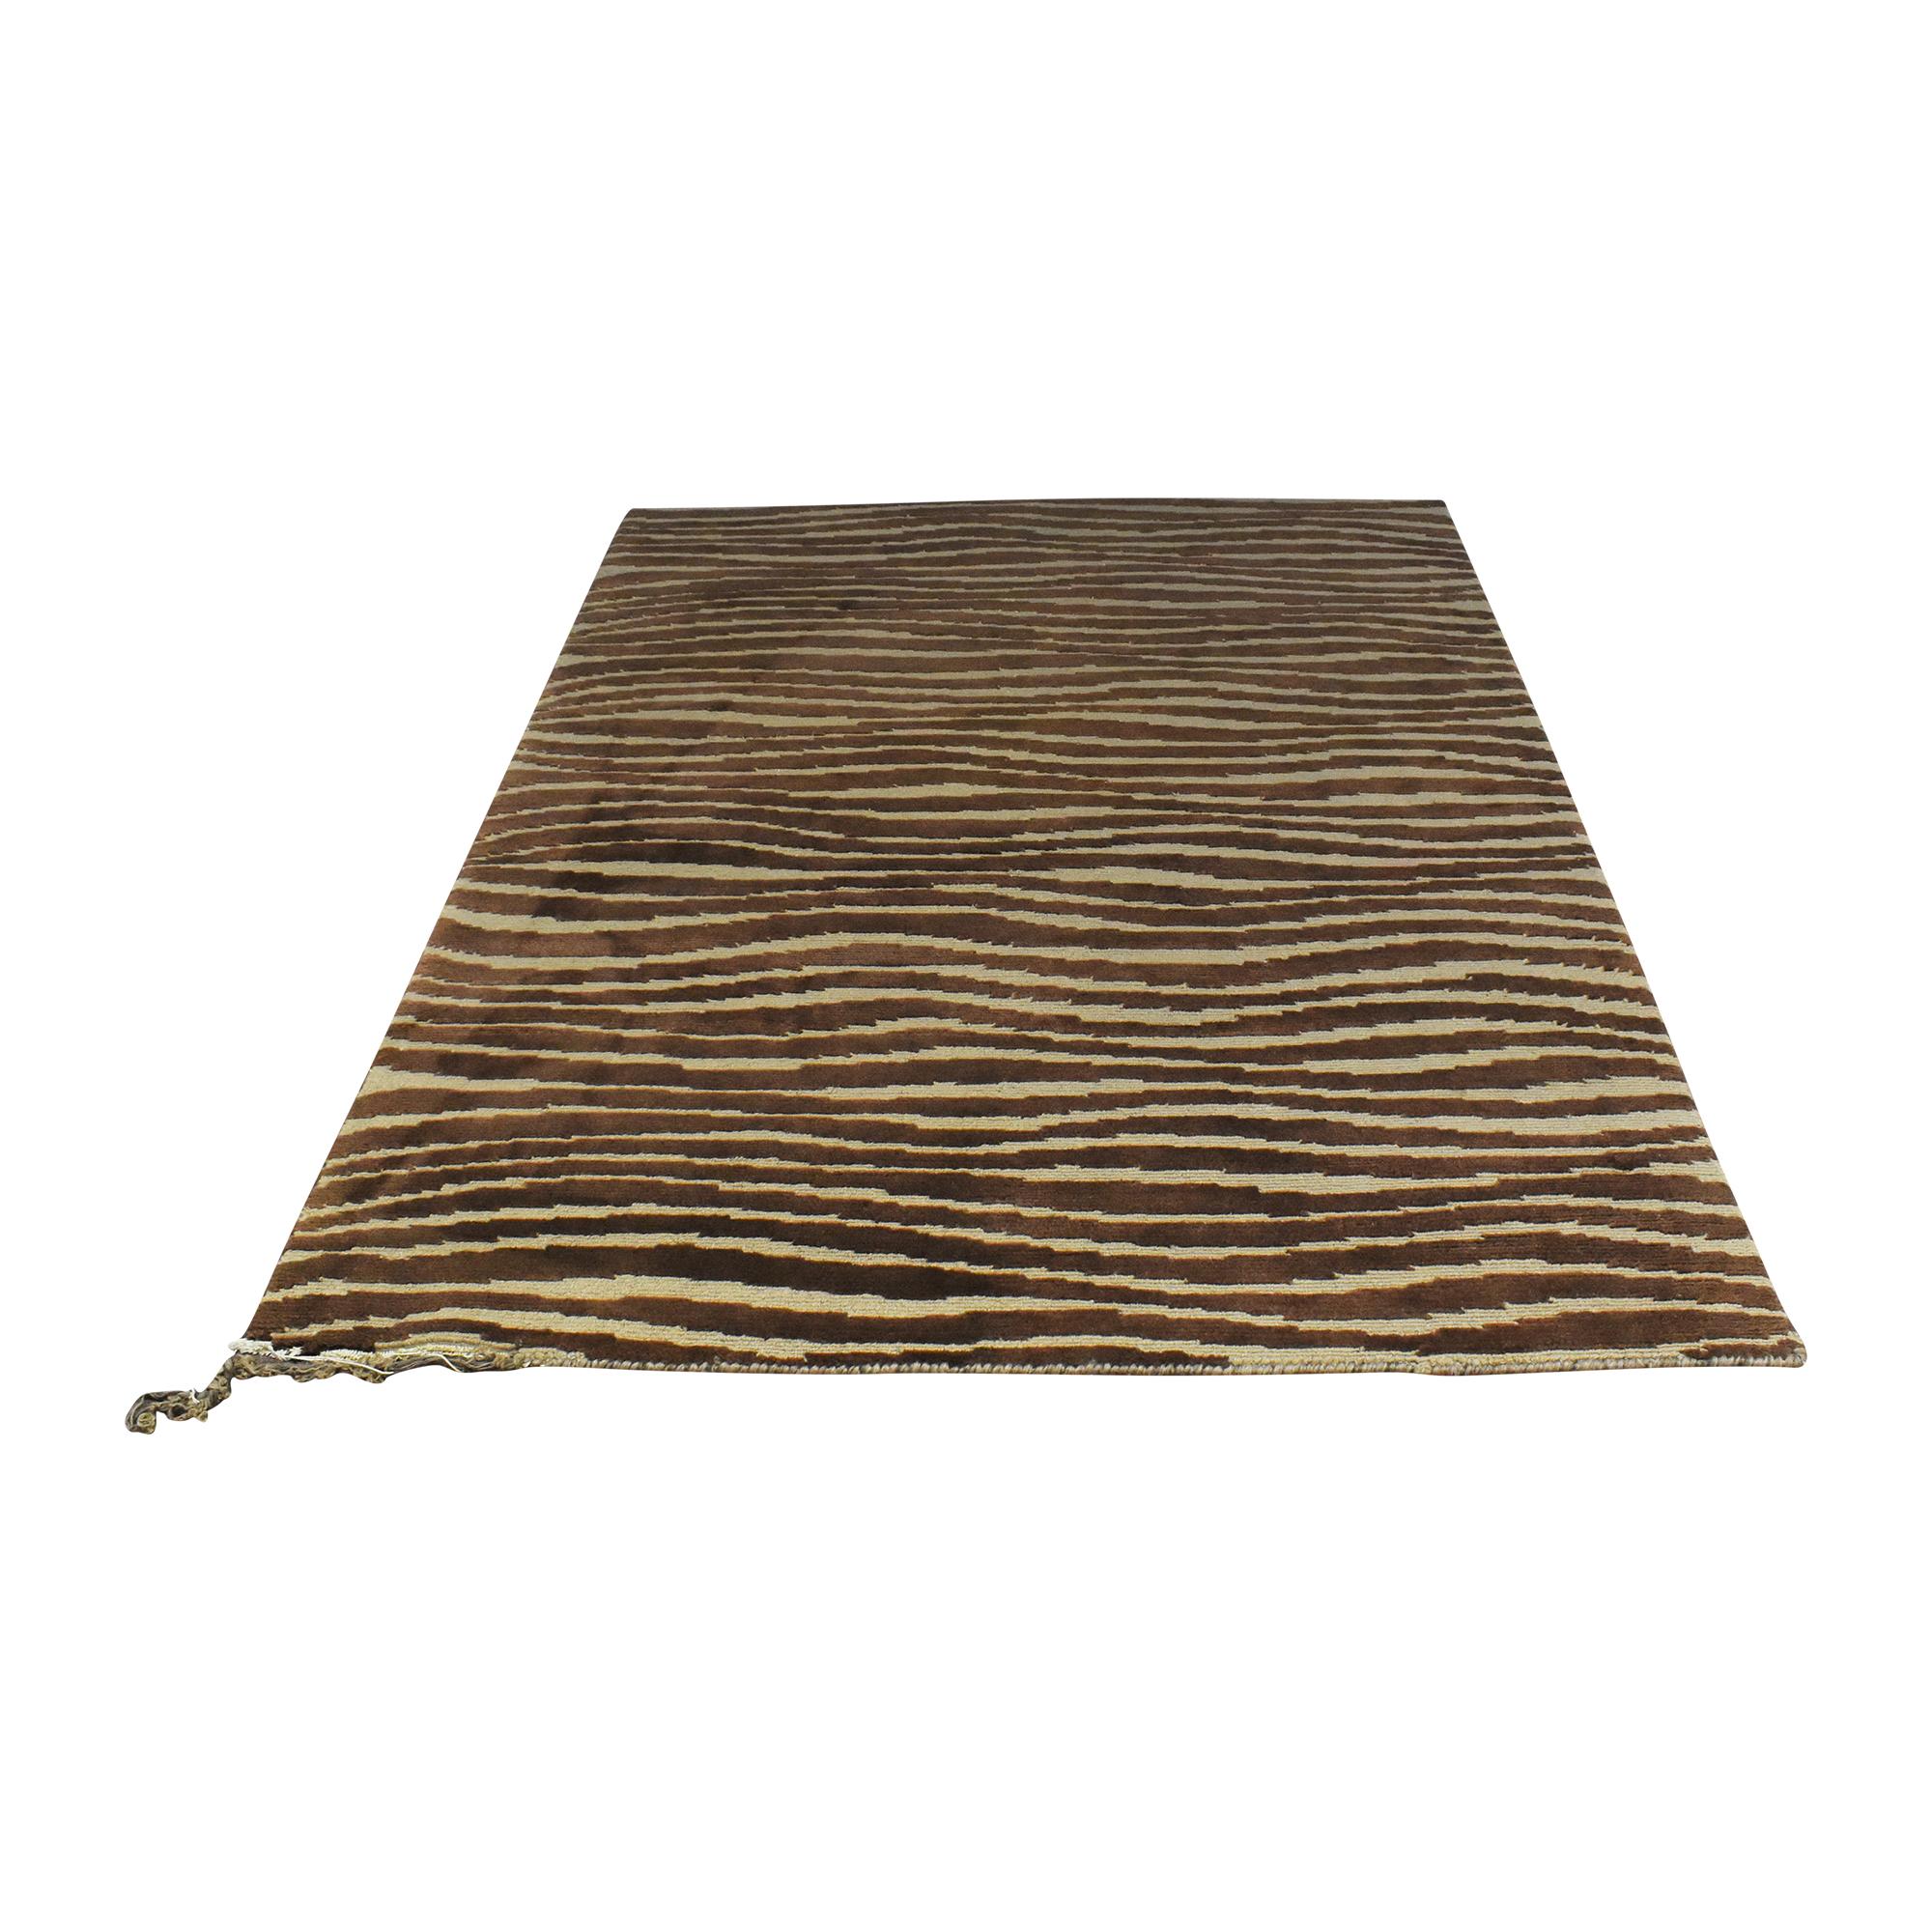 ABC Carpet & Home ABC Carpet & Home Striped Area Rug second hand